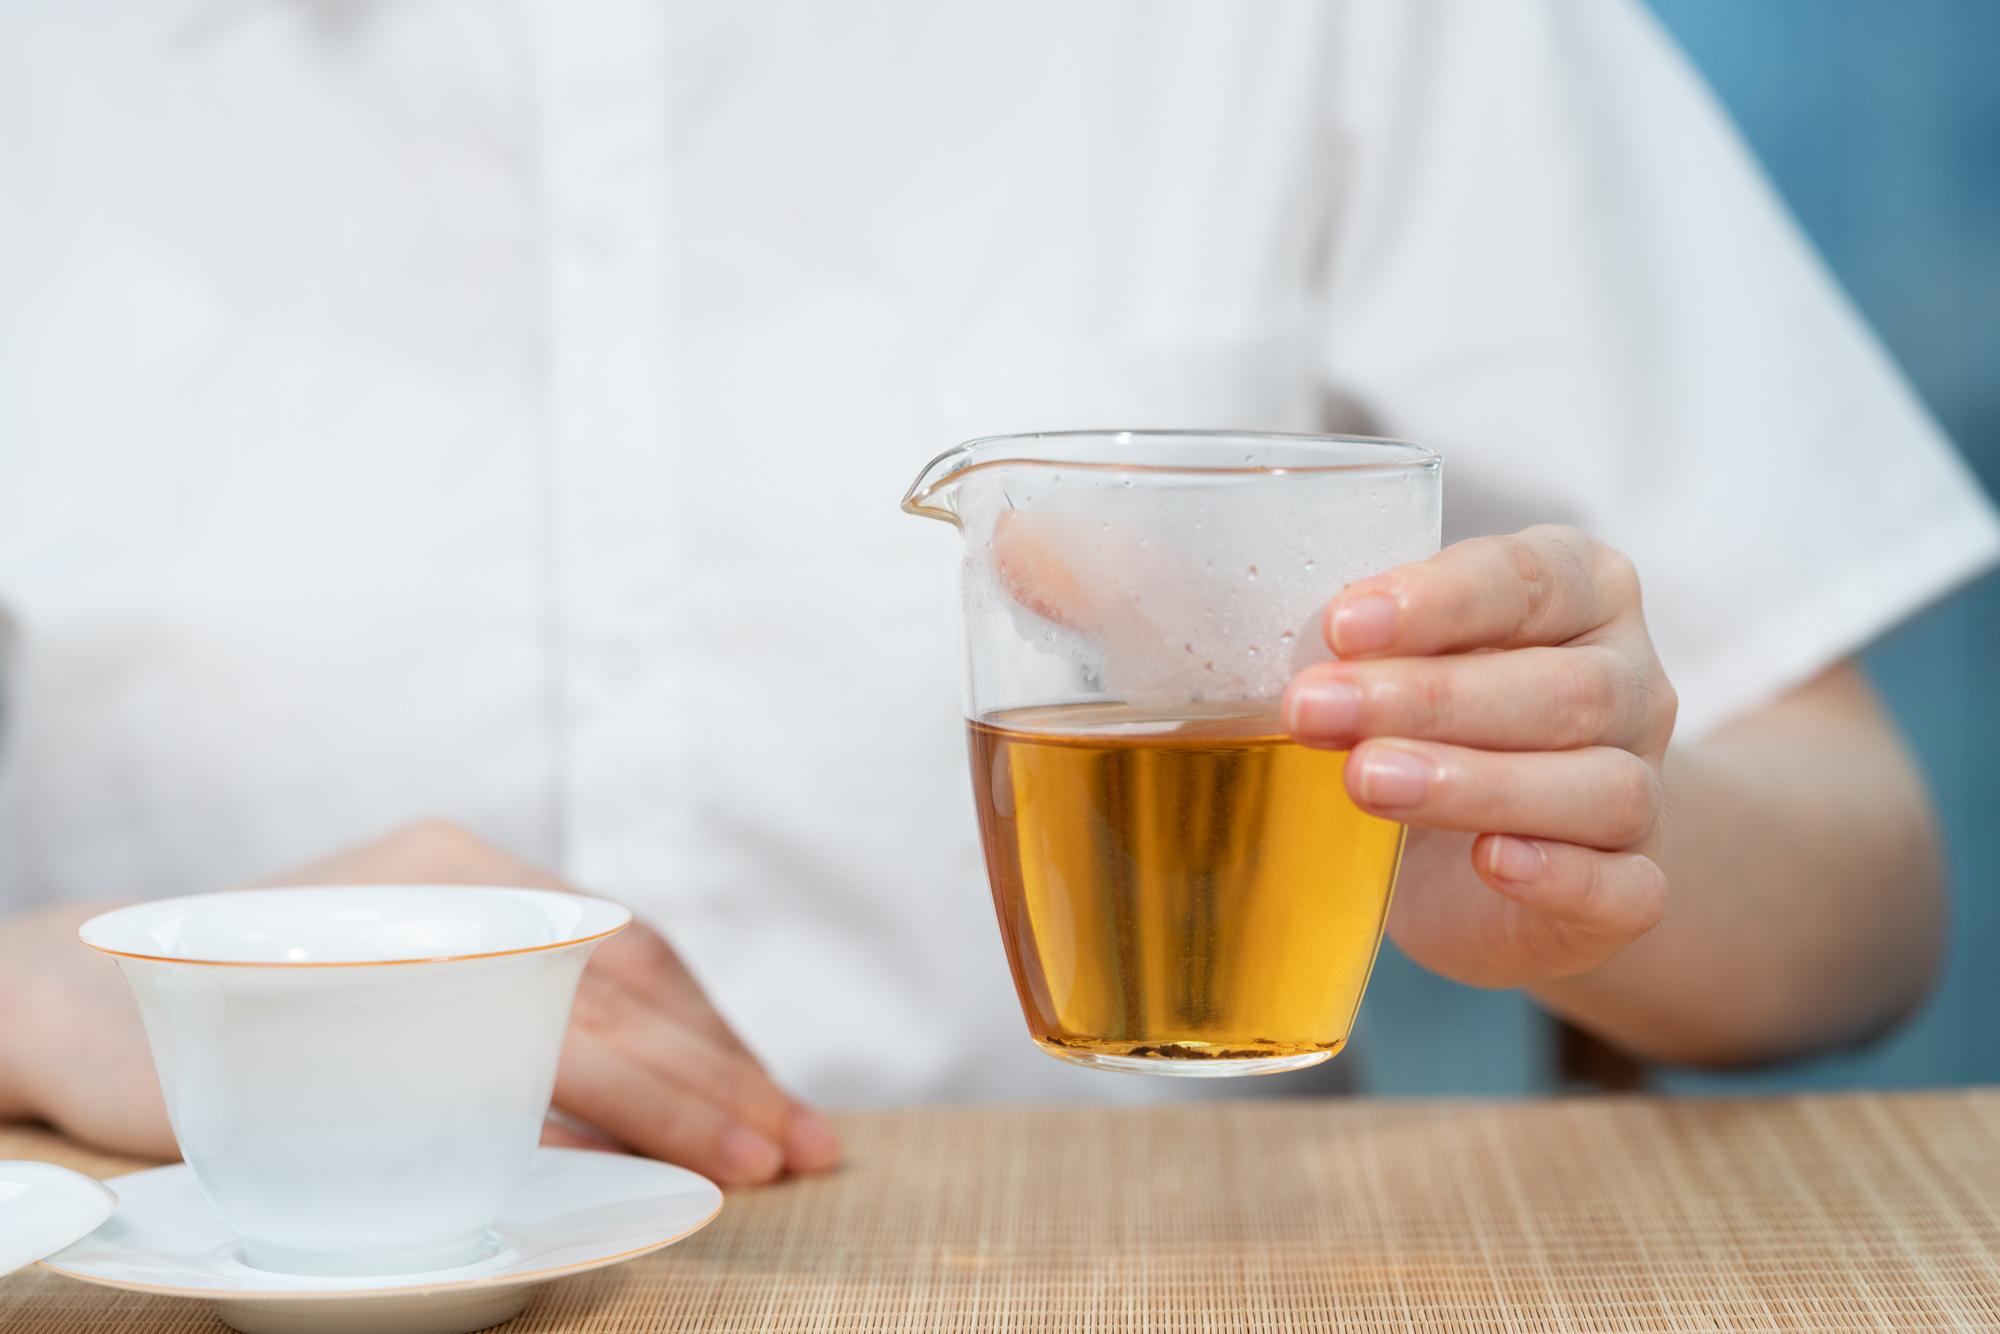 小喜年-最近火起来的陈皮白茶,究竟是什么?